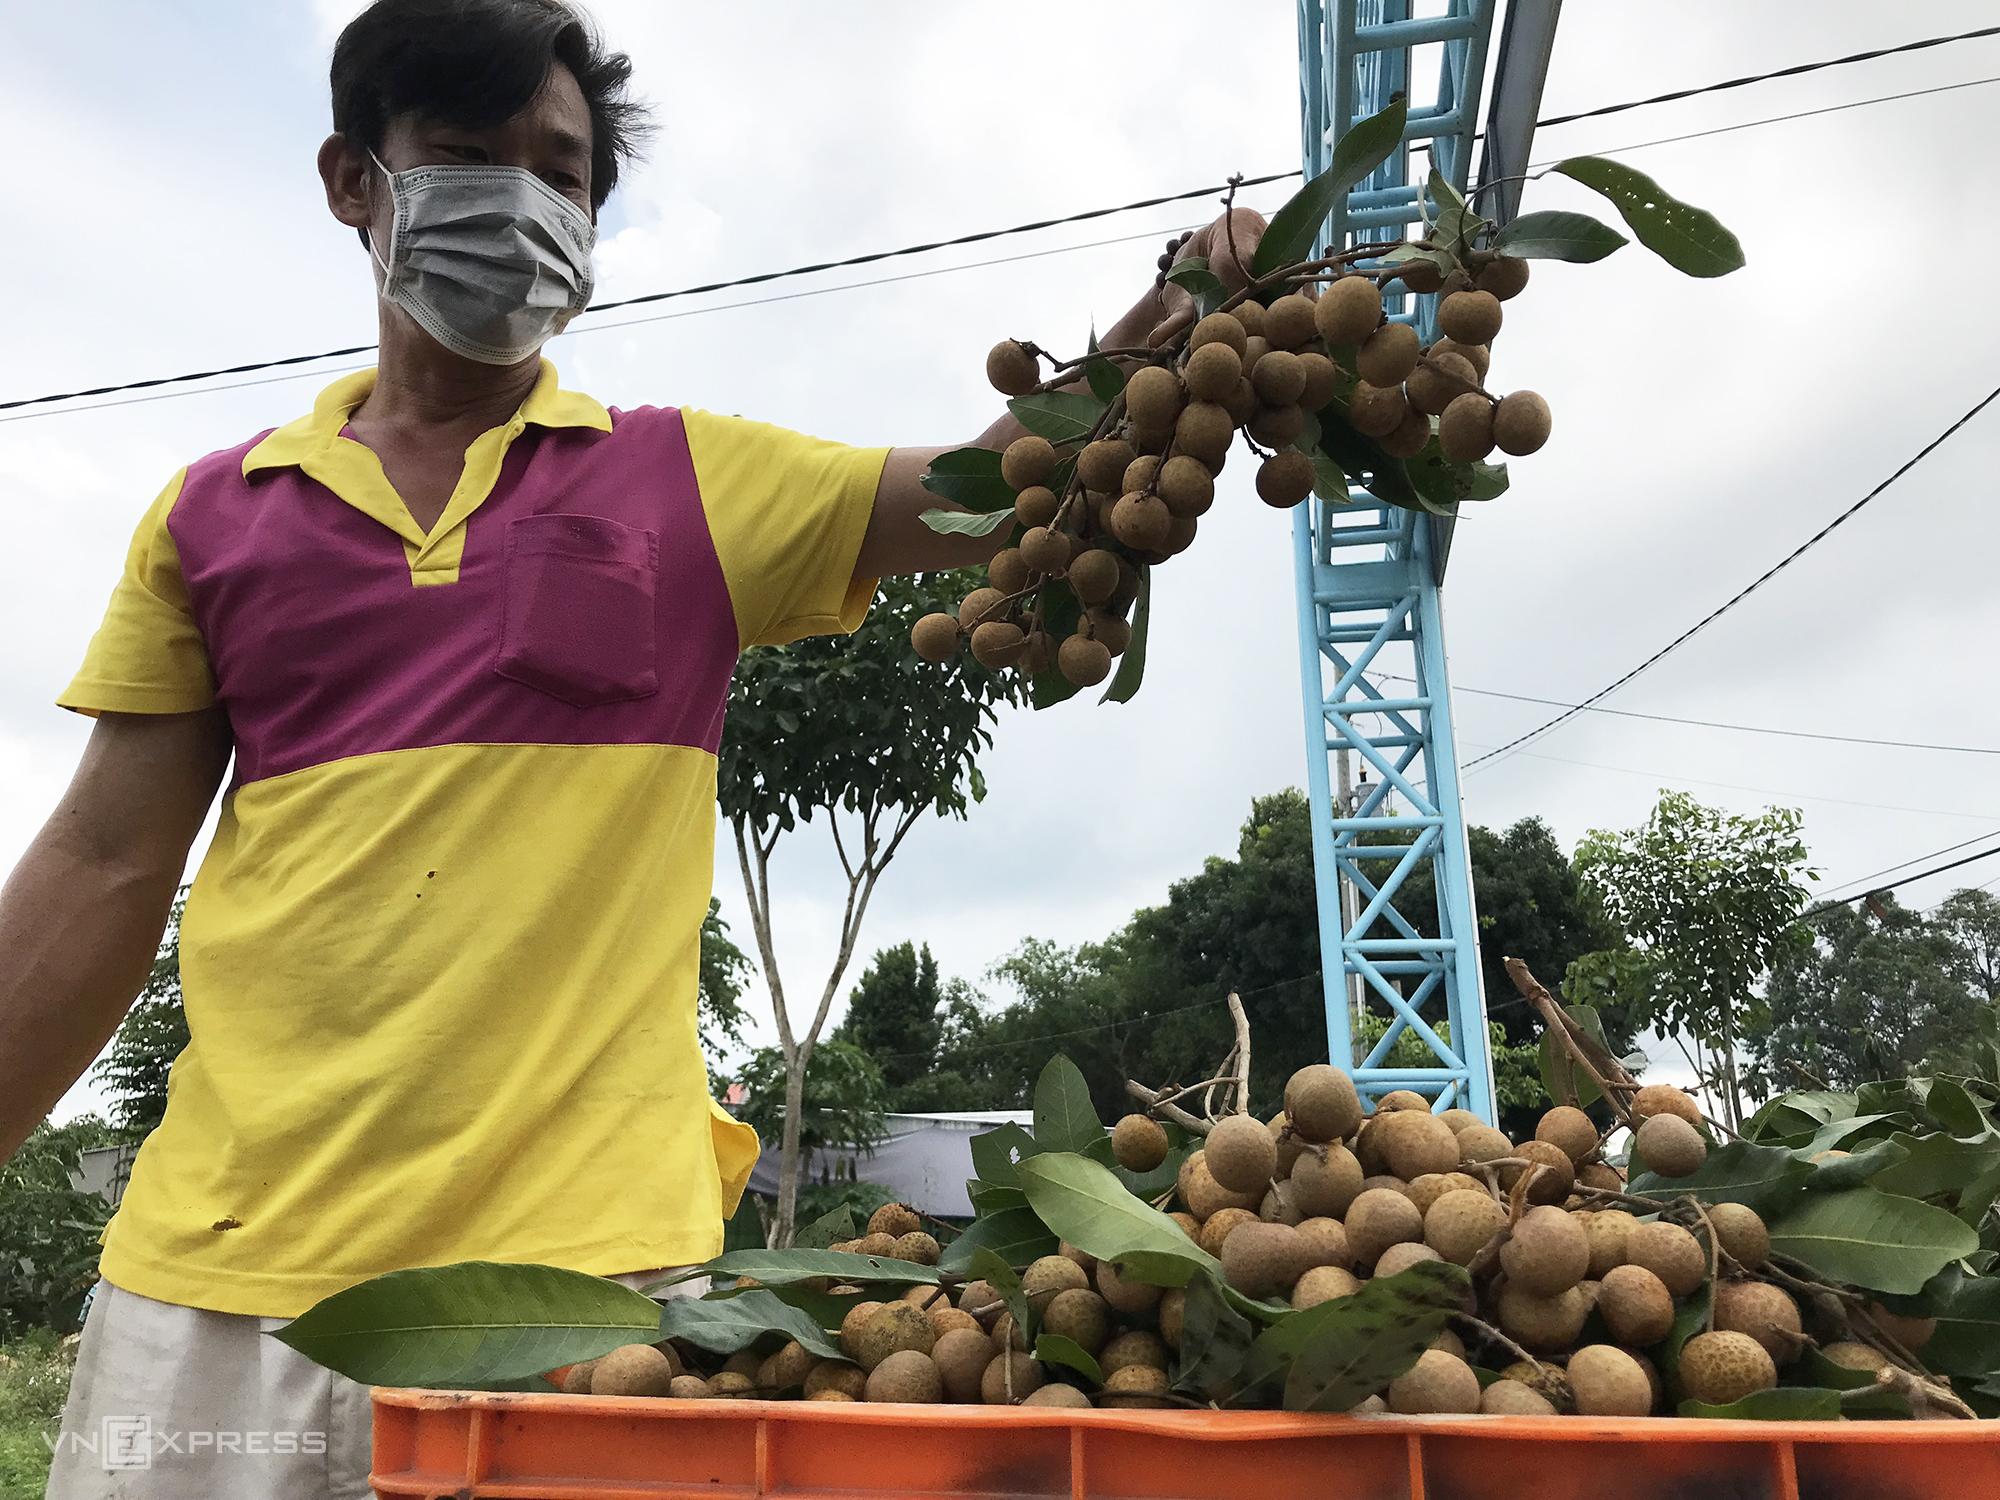 Anh Phạm Văn Nguyên cho biết giá bán dưới 8.000 một ký, trong khi chi phí sản xuất tăng, vụ này gia đình anh lỗ nặng. Ảnh: Ngọc Tài